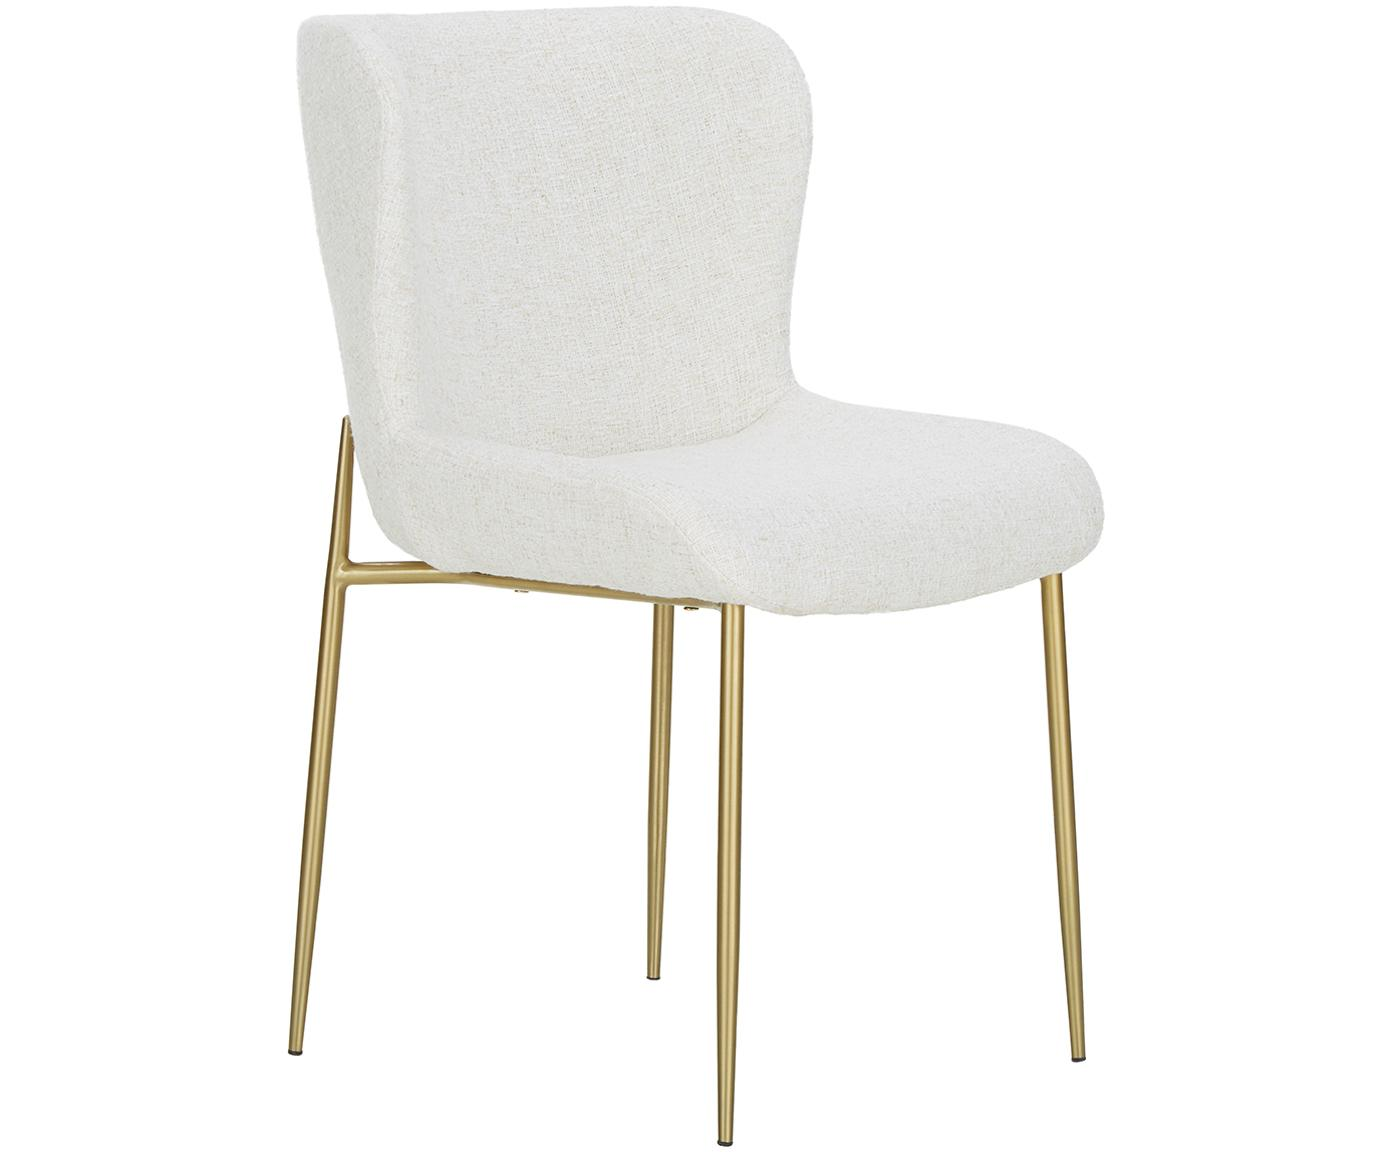 Krzesło tapicerowane bouclé Tess, Tapicerka: 70% poliester, 20% wiskoz, Nogi: metal powlekany, Kremowobiały bouclé, nogi: złoty, S 48 x G 64 cm